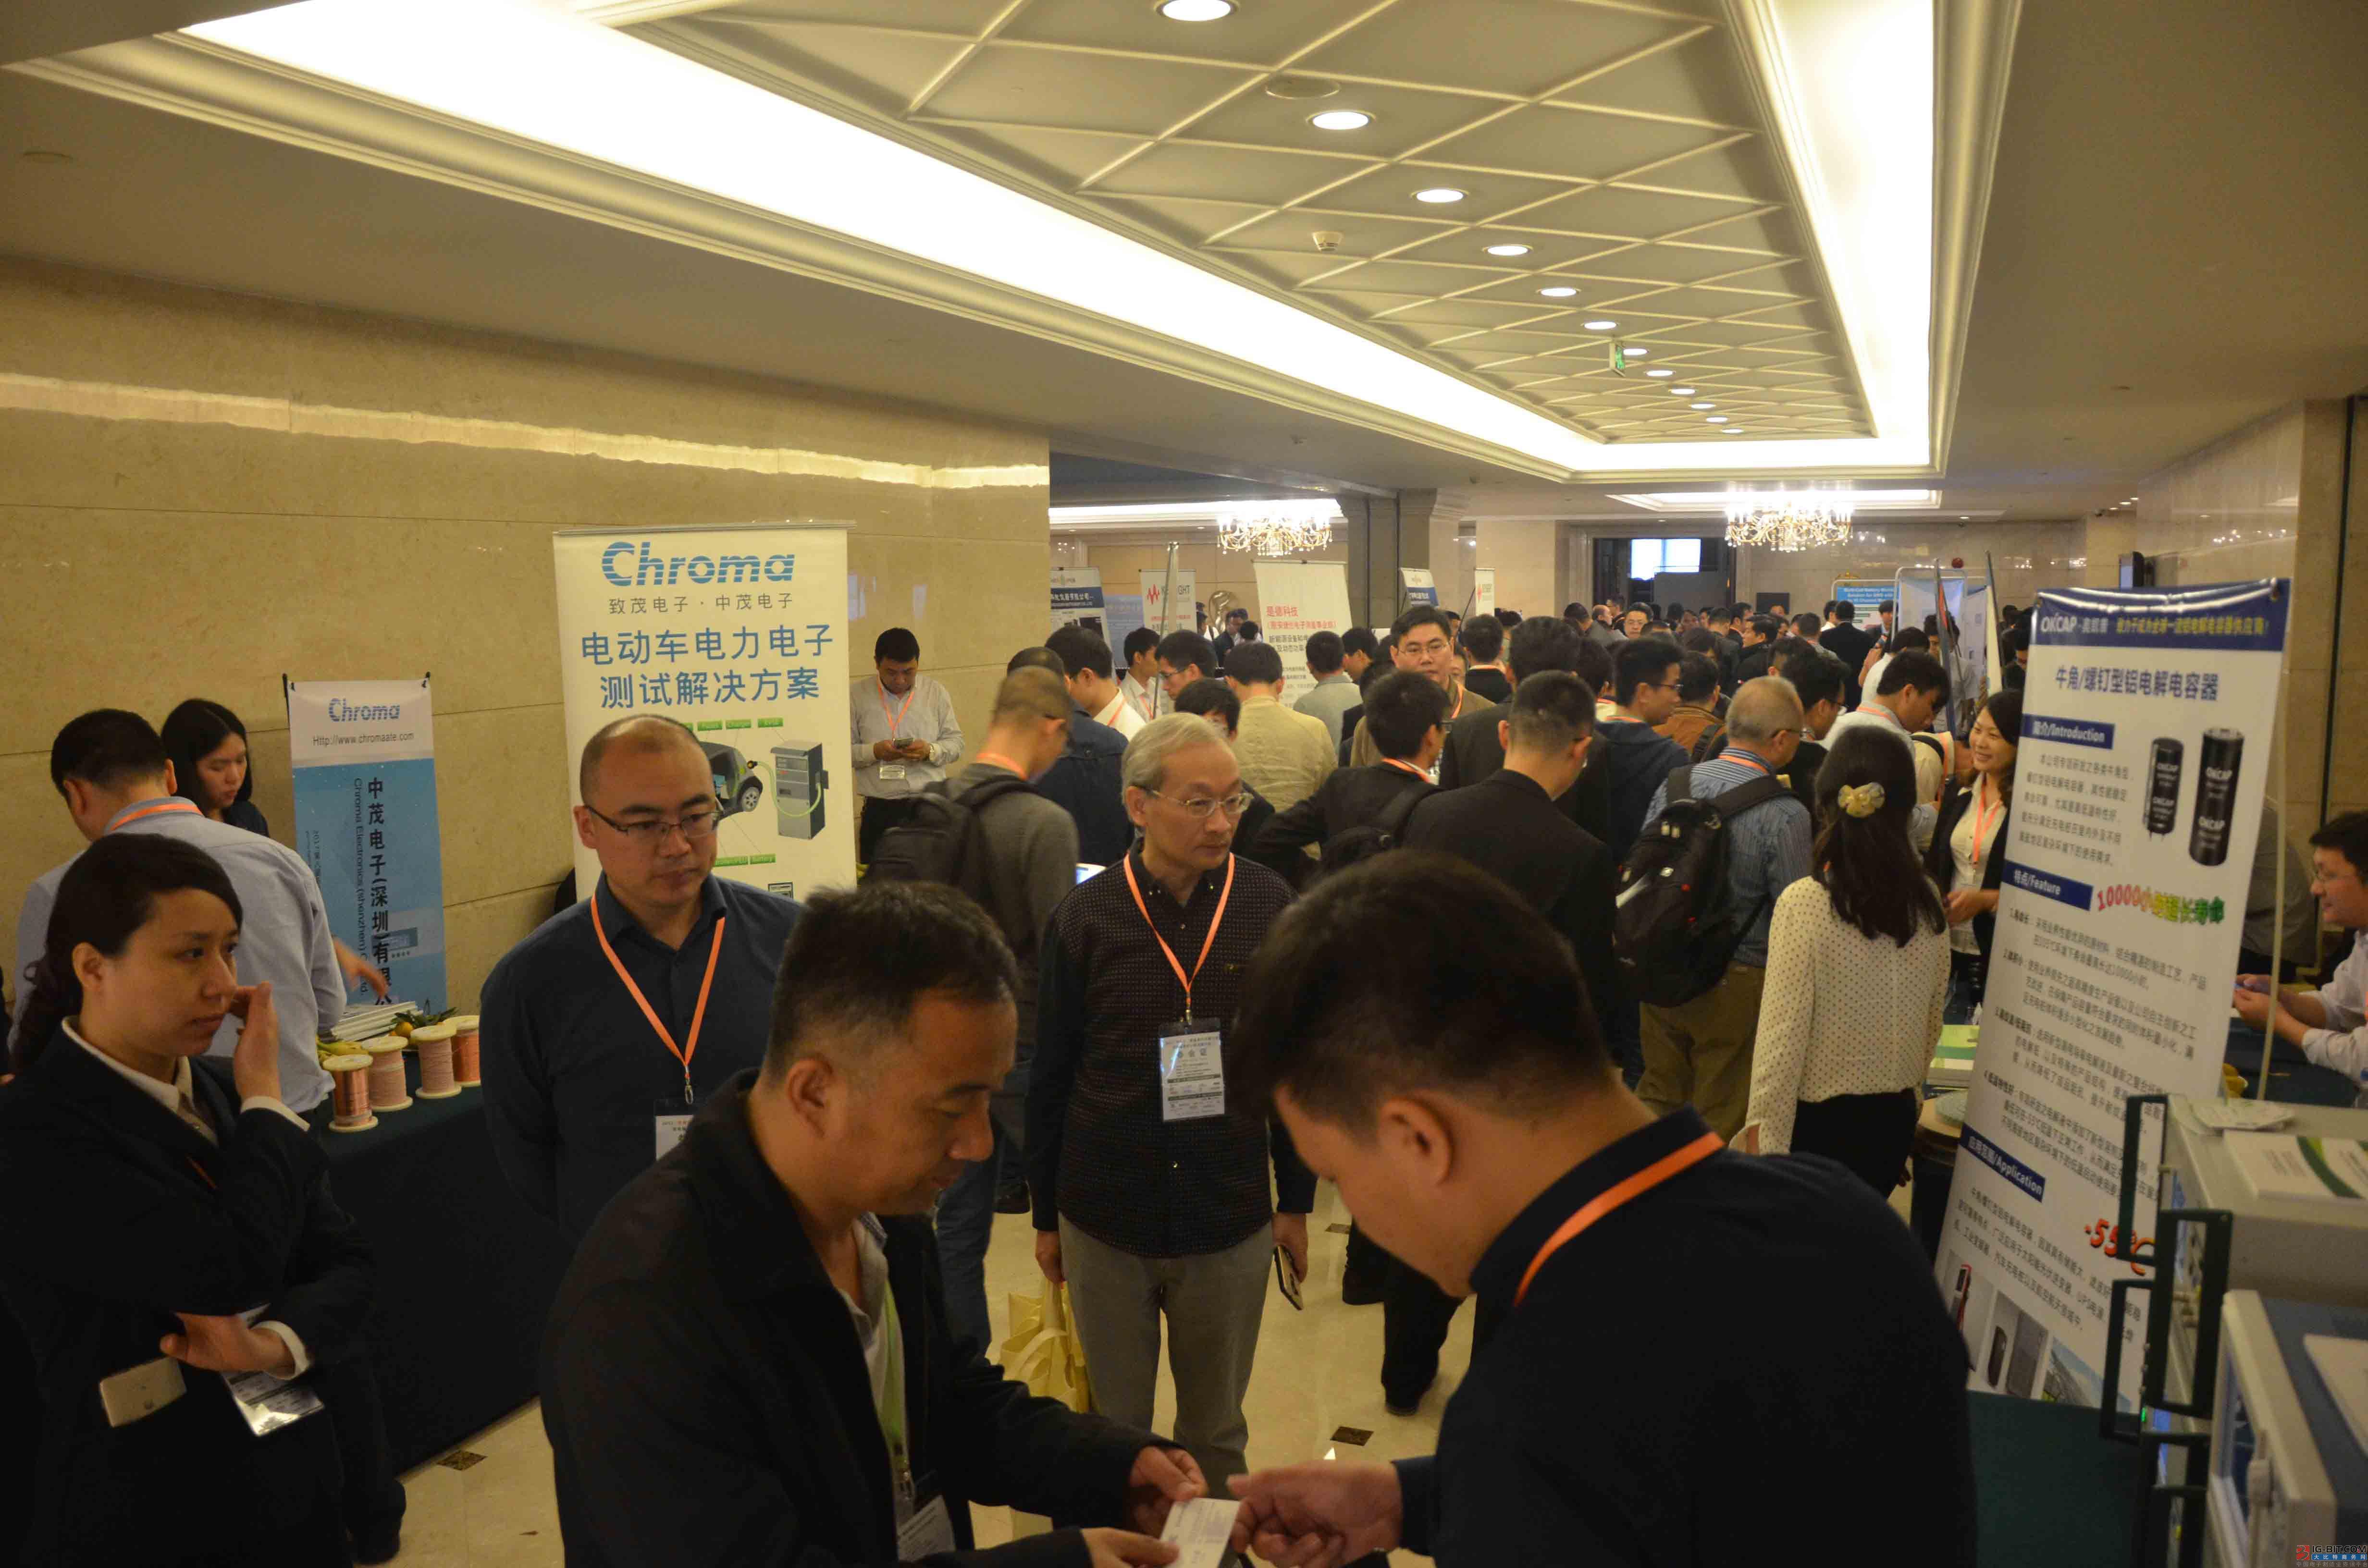 会议尚未开始,展示区已然挤满了人,与会人员在不同展位前与参展企业交流,探讨了解最新新能源充电桩技术。